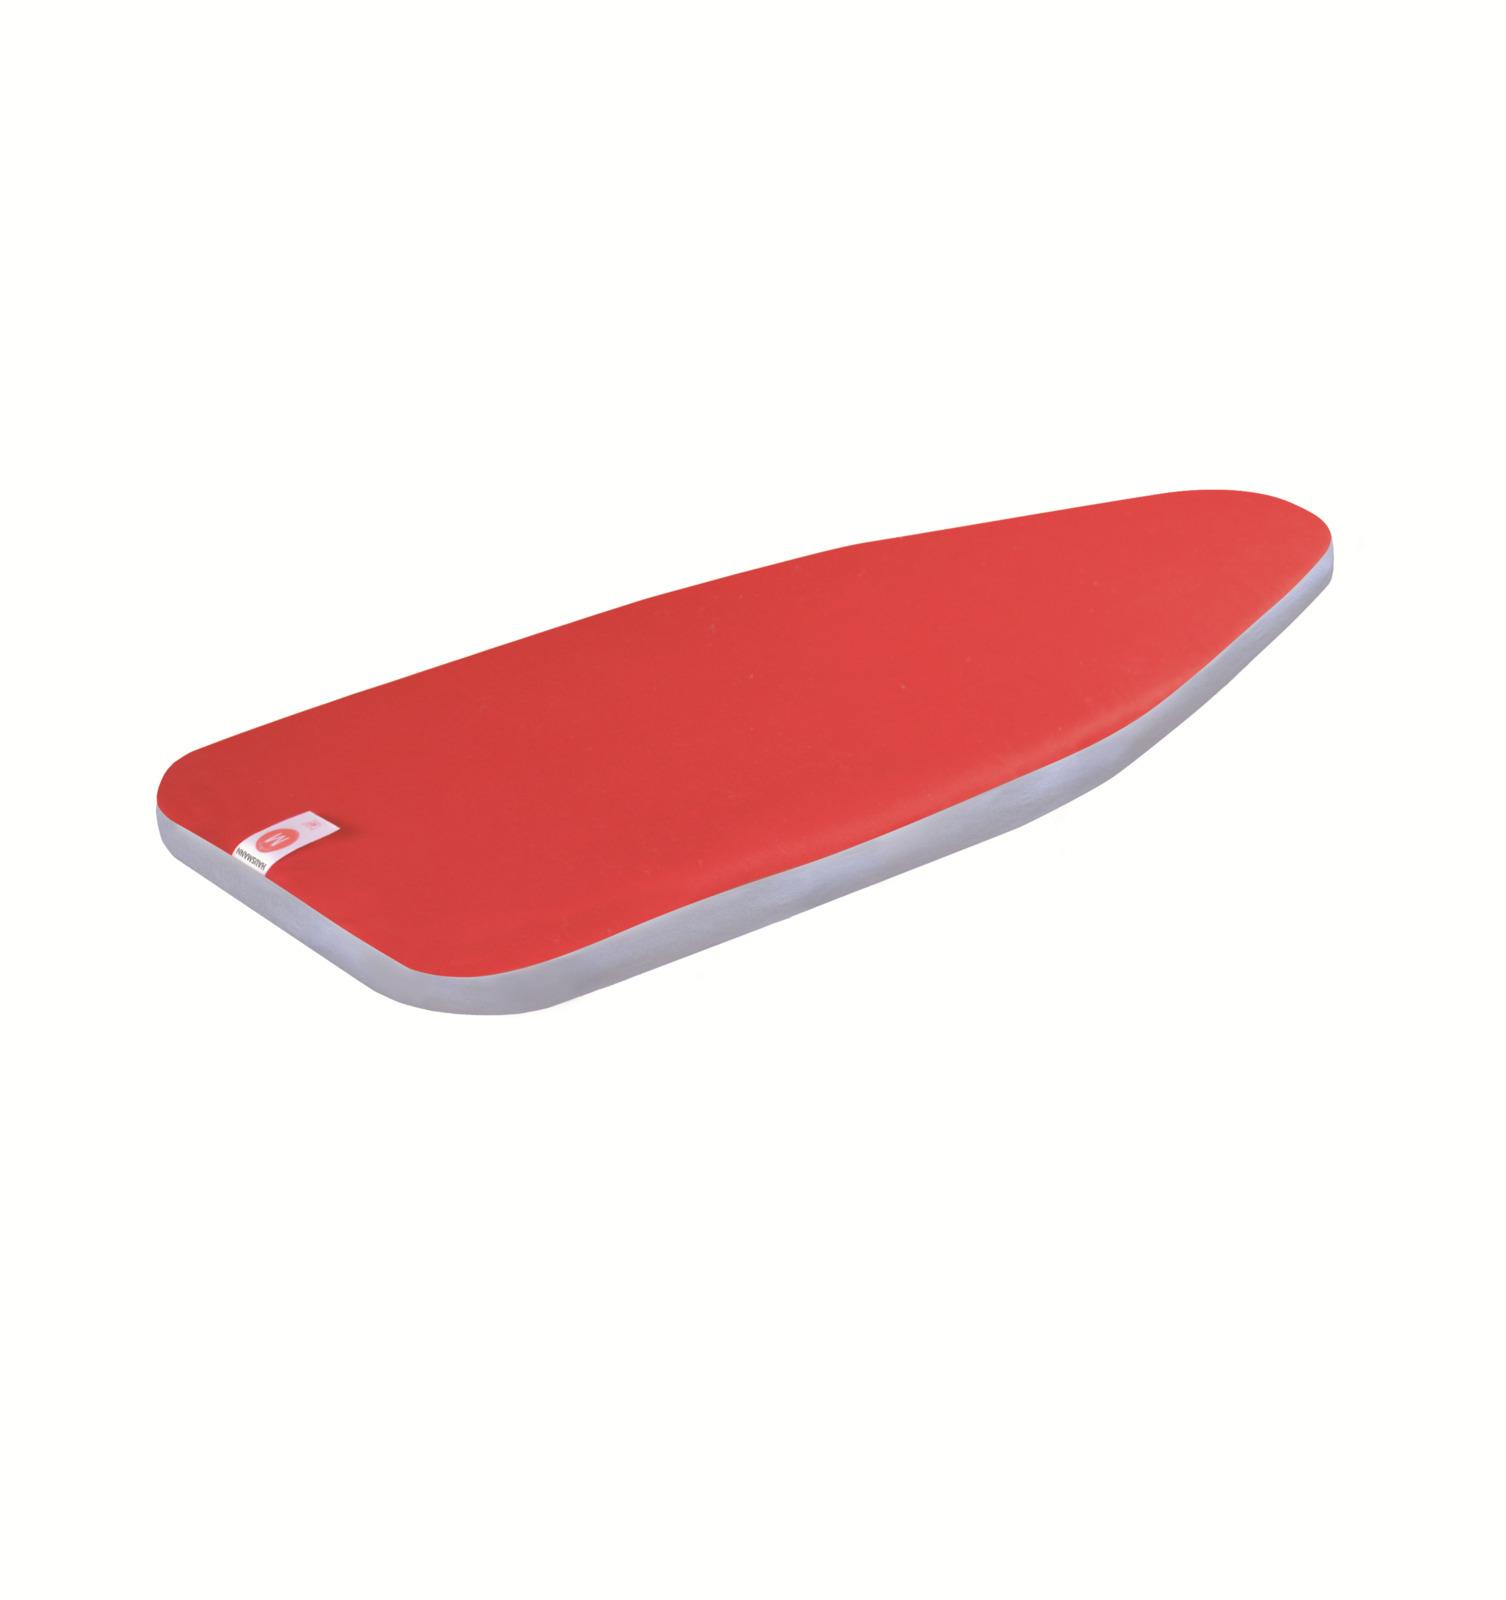 Чехол для гладильной доски Hausmann Deluxe, HM-ST111-1, красный, 125 х 40 см крючок для рейлинга primanova черный